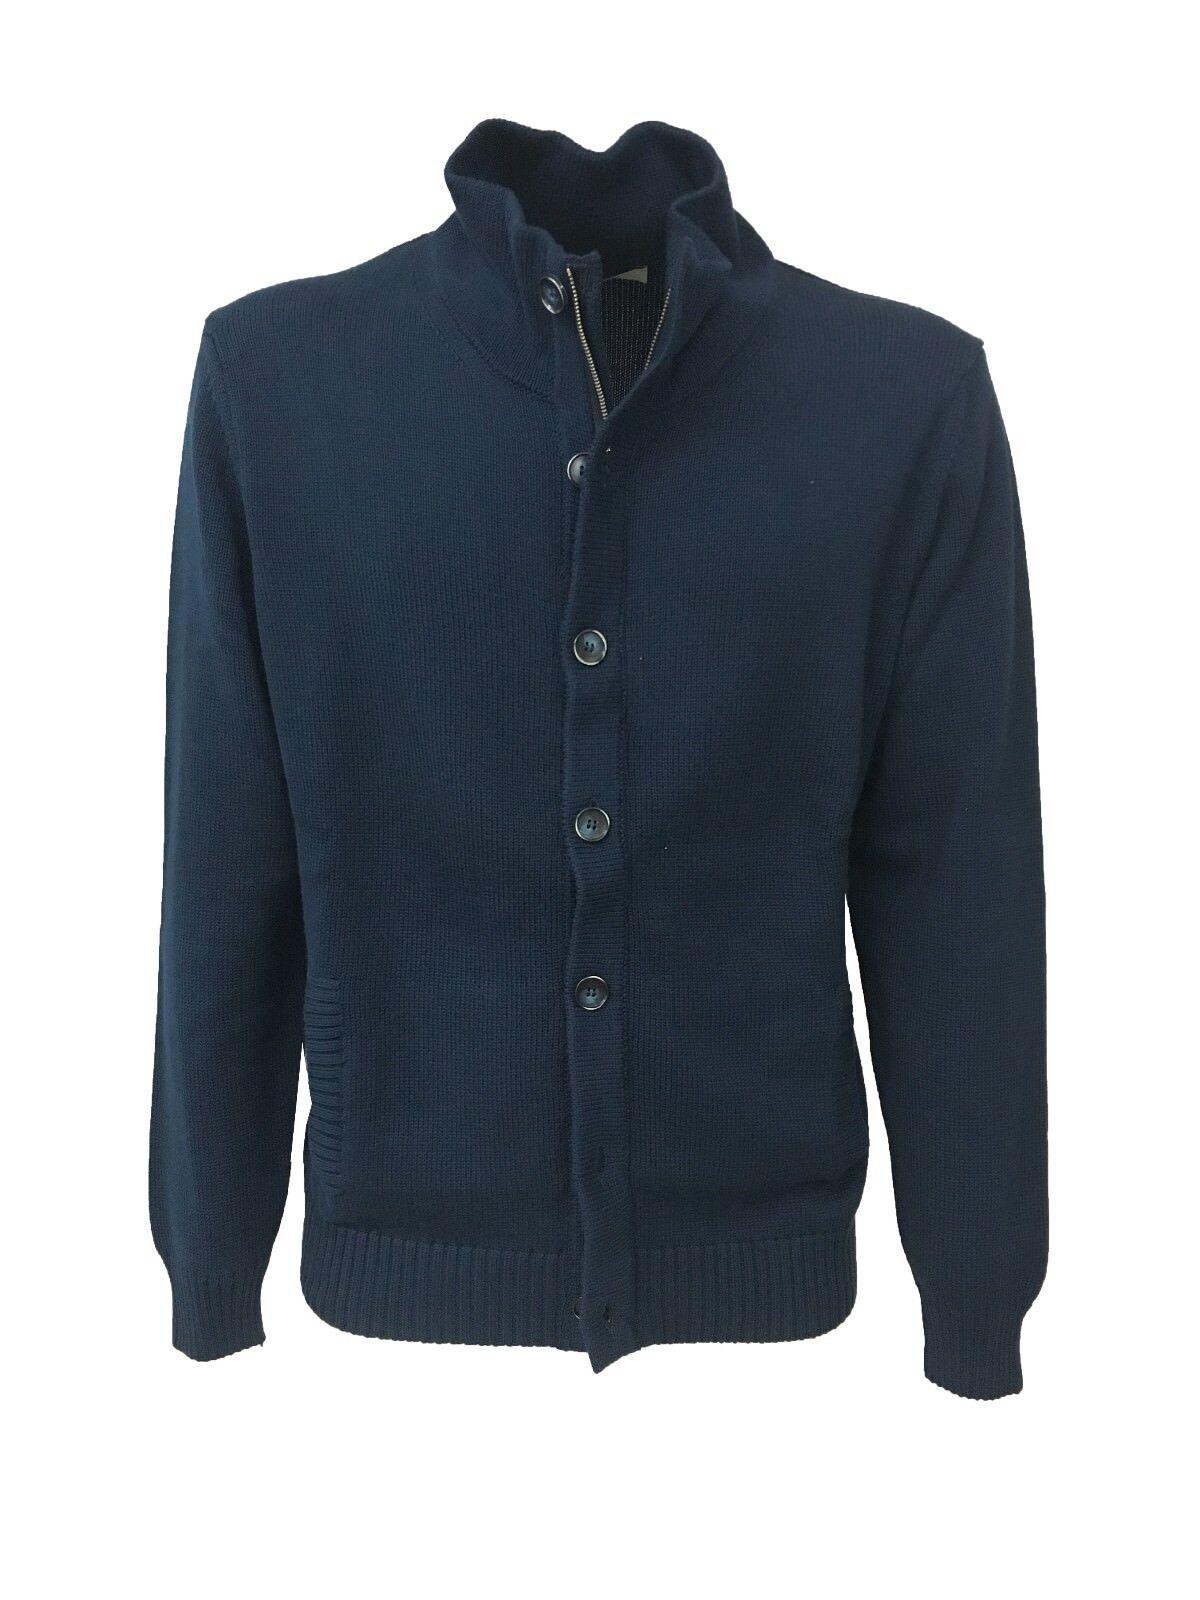 PANICALE cardigan uomo blu con bottoni e zip 100% cotone MADE IN ITALY slim